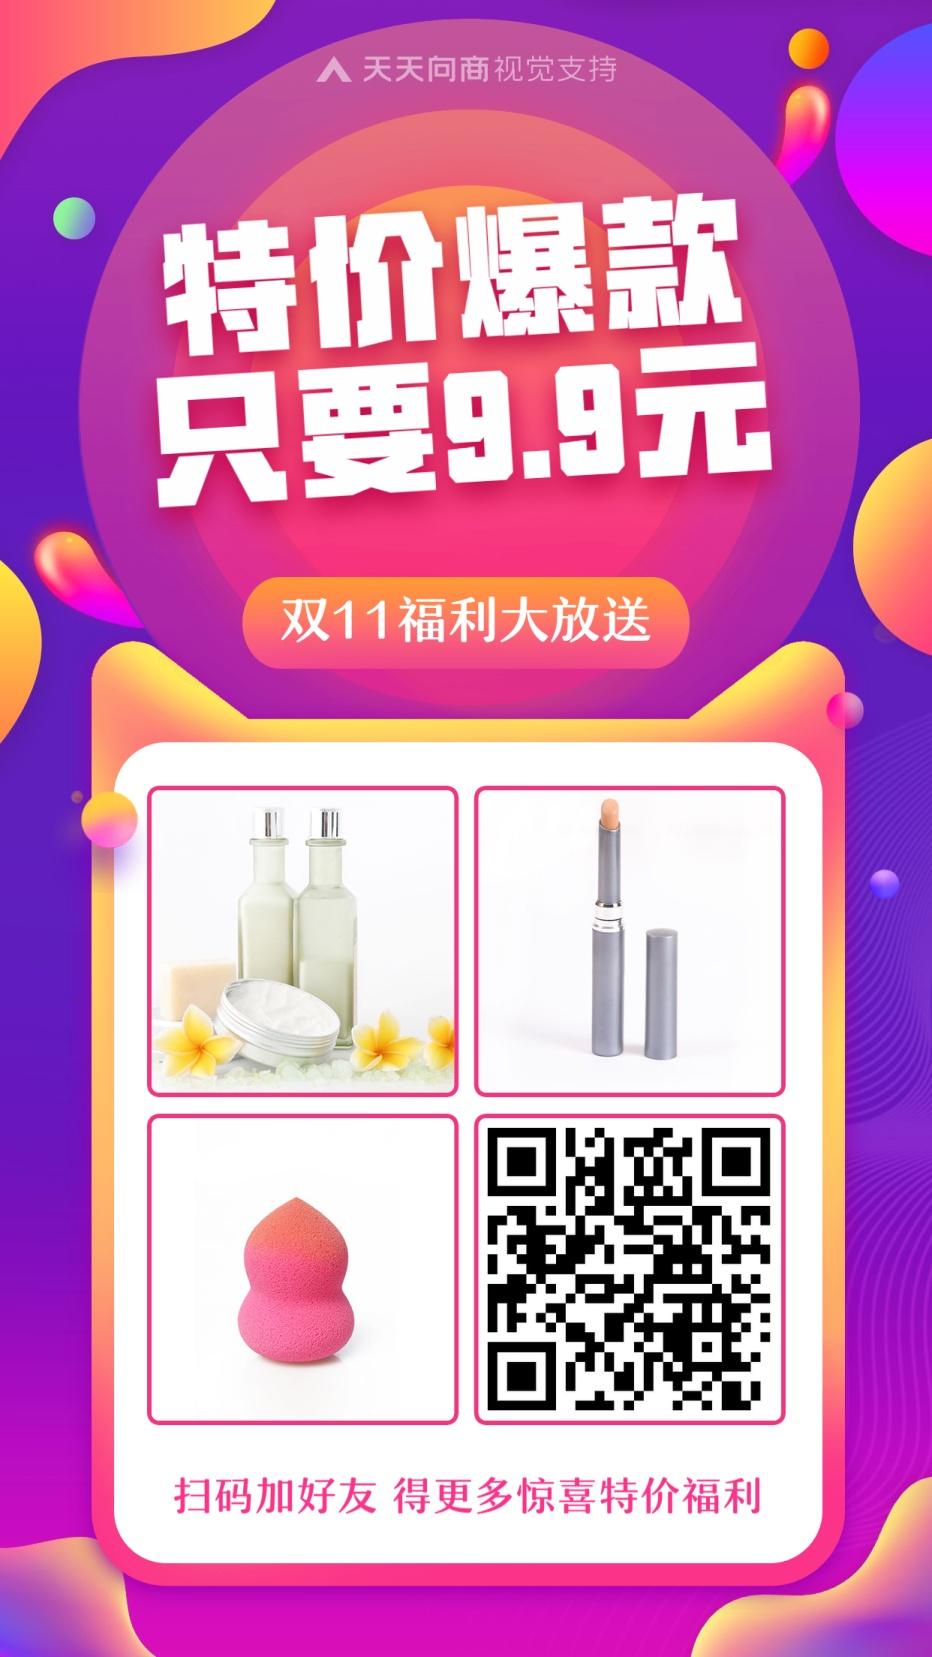 双11时尚酷炫特价爆款促销